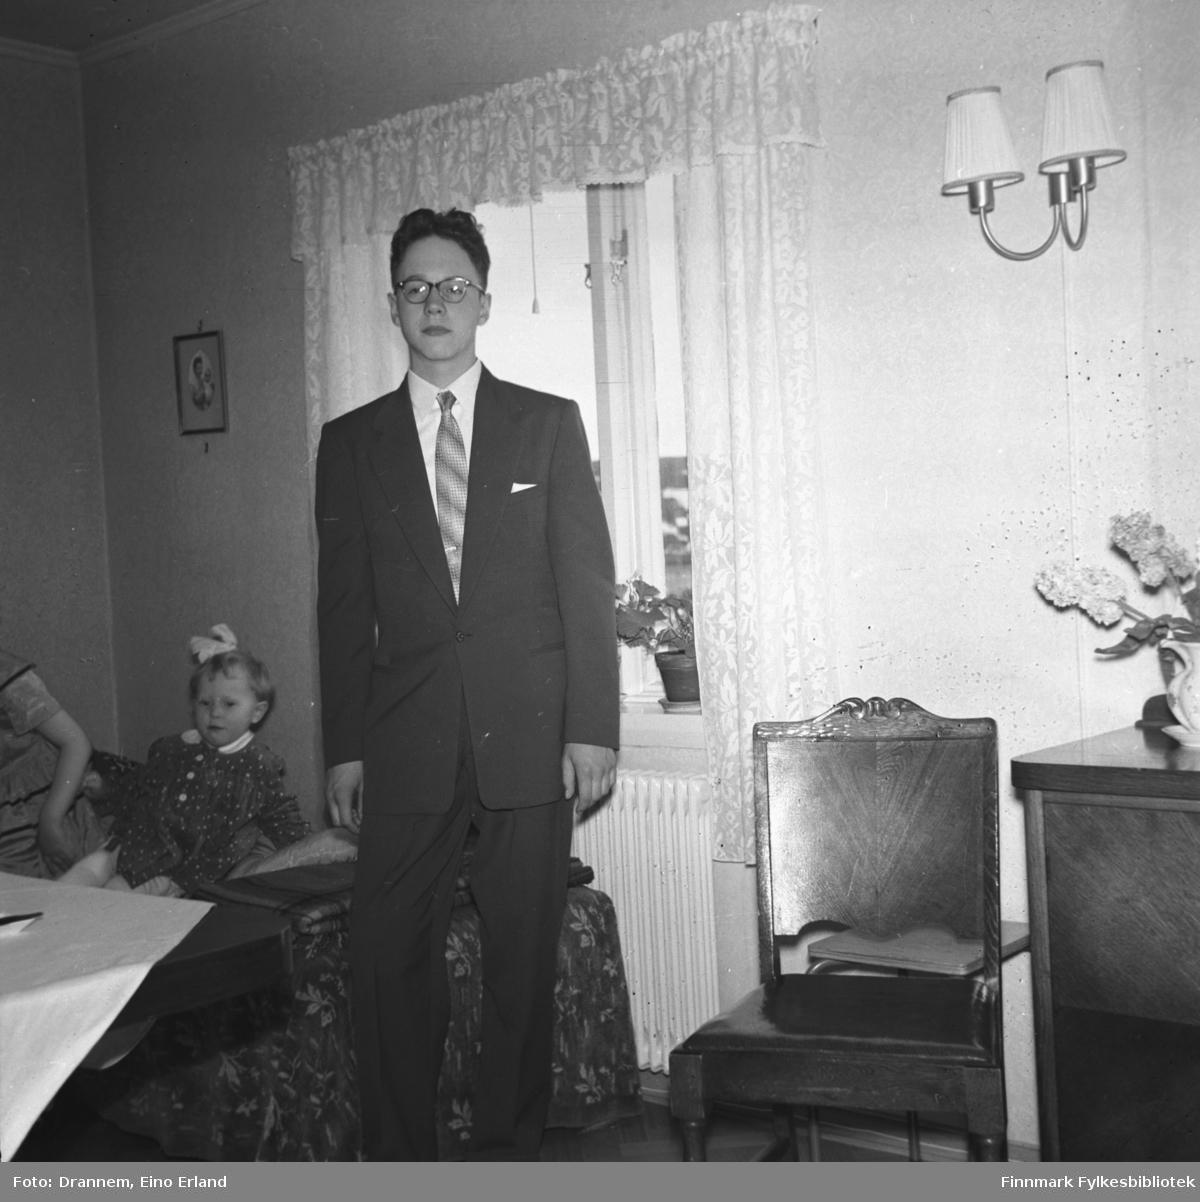 Arvid Sørensen, konfirmant ca. 1950, i stua til familien Drannem i Hammerfest på 17. mai. Grete Sørensen sitter på sofaen i bakgrunn.